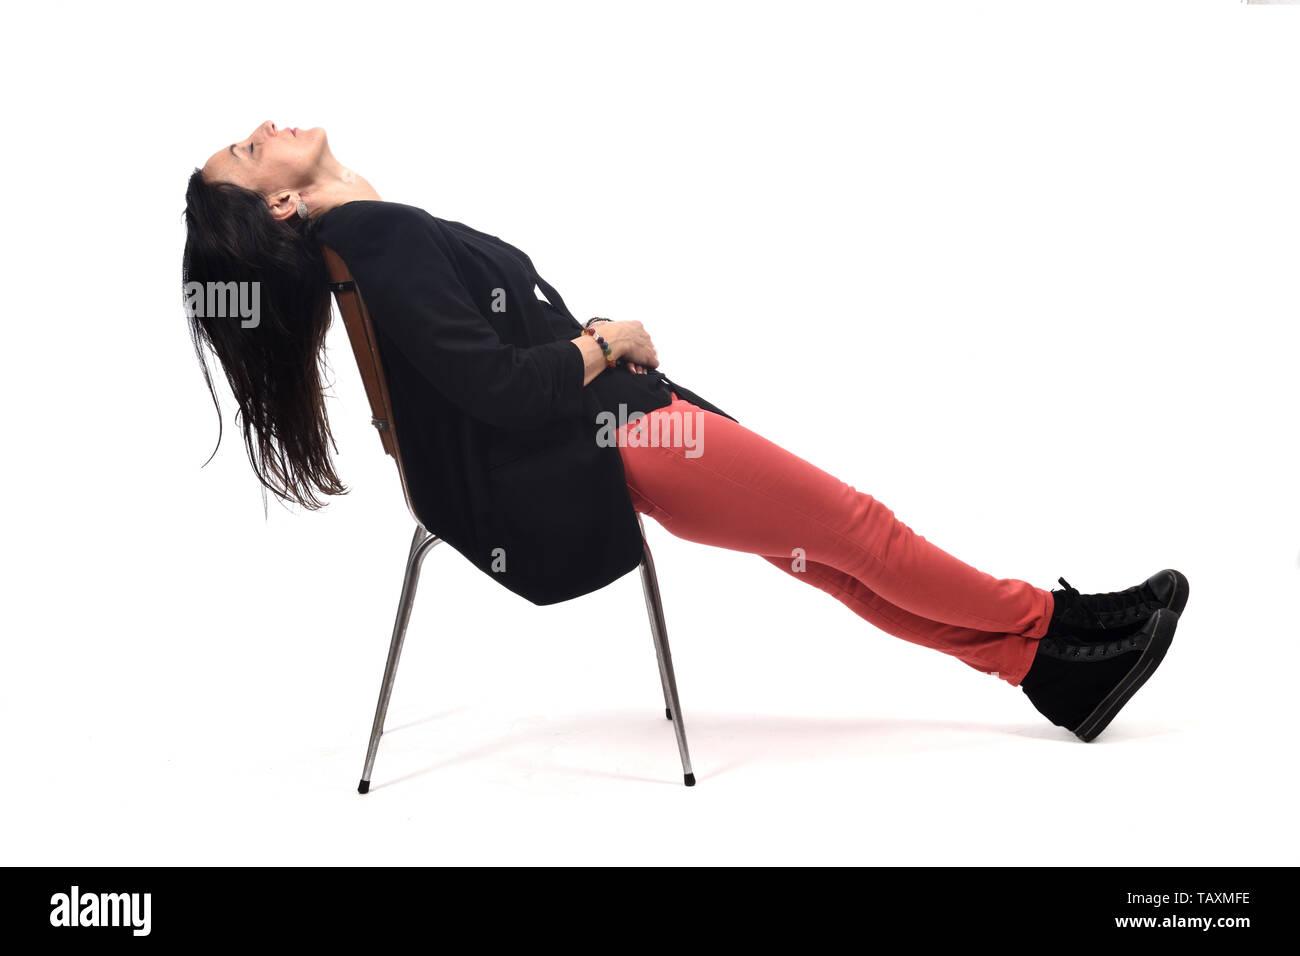 Volle Porträt Einer Frau Liegen Auf Einem Stuhl Auf Weiß Stockfoto